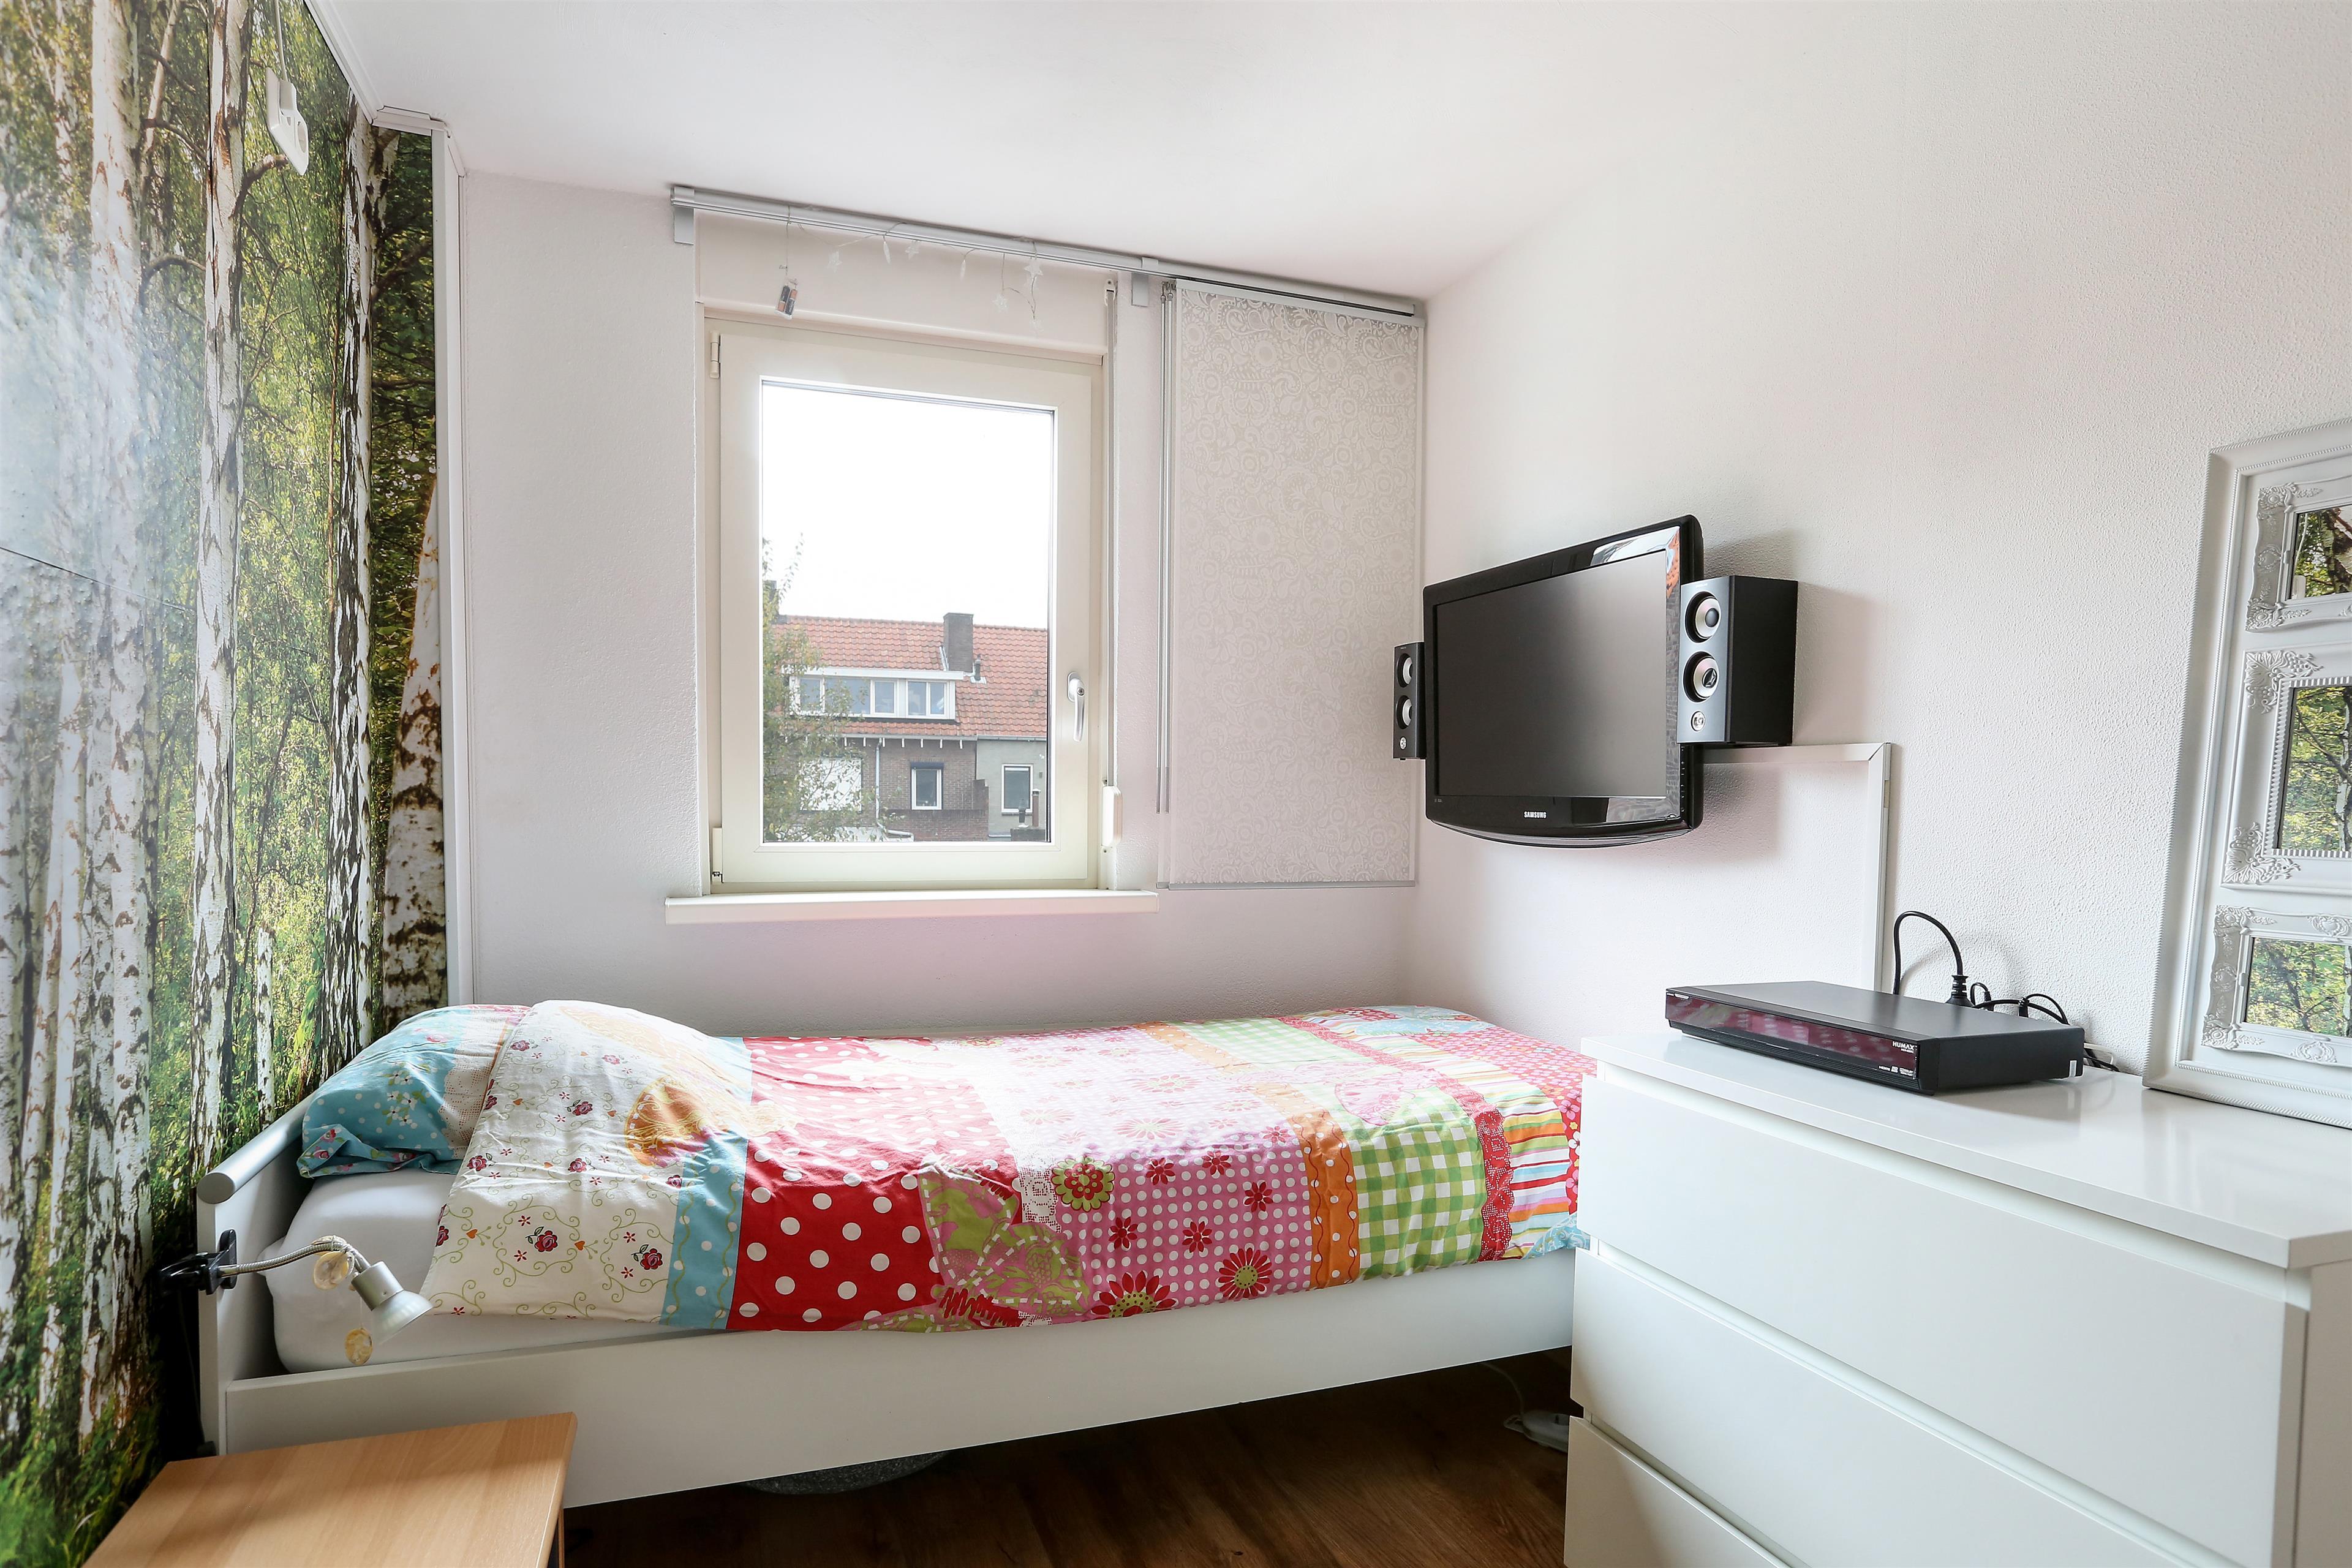 Rococo Bed Kopen : Goedkoop bed kopen goedkope bedden rotterdam nieuw compleet met